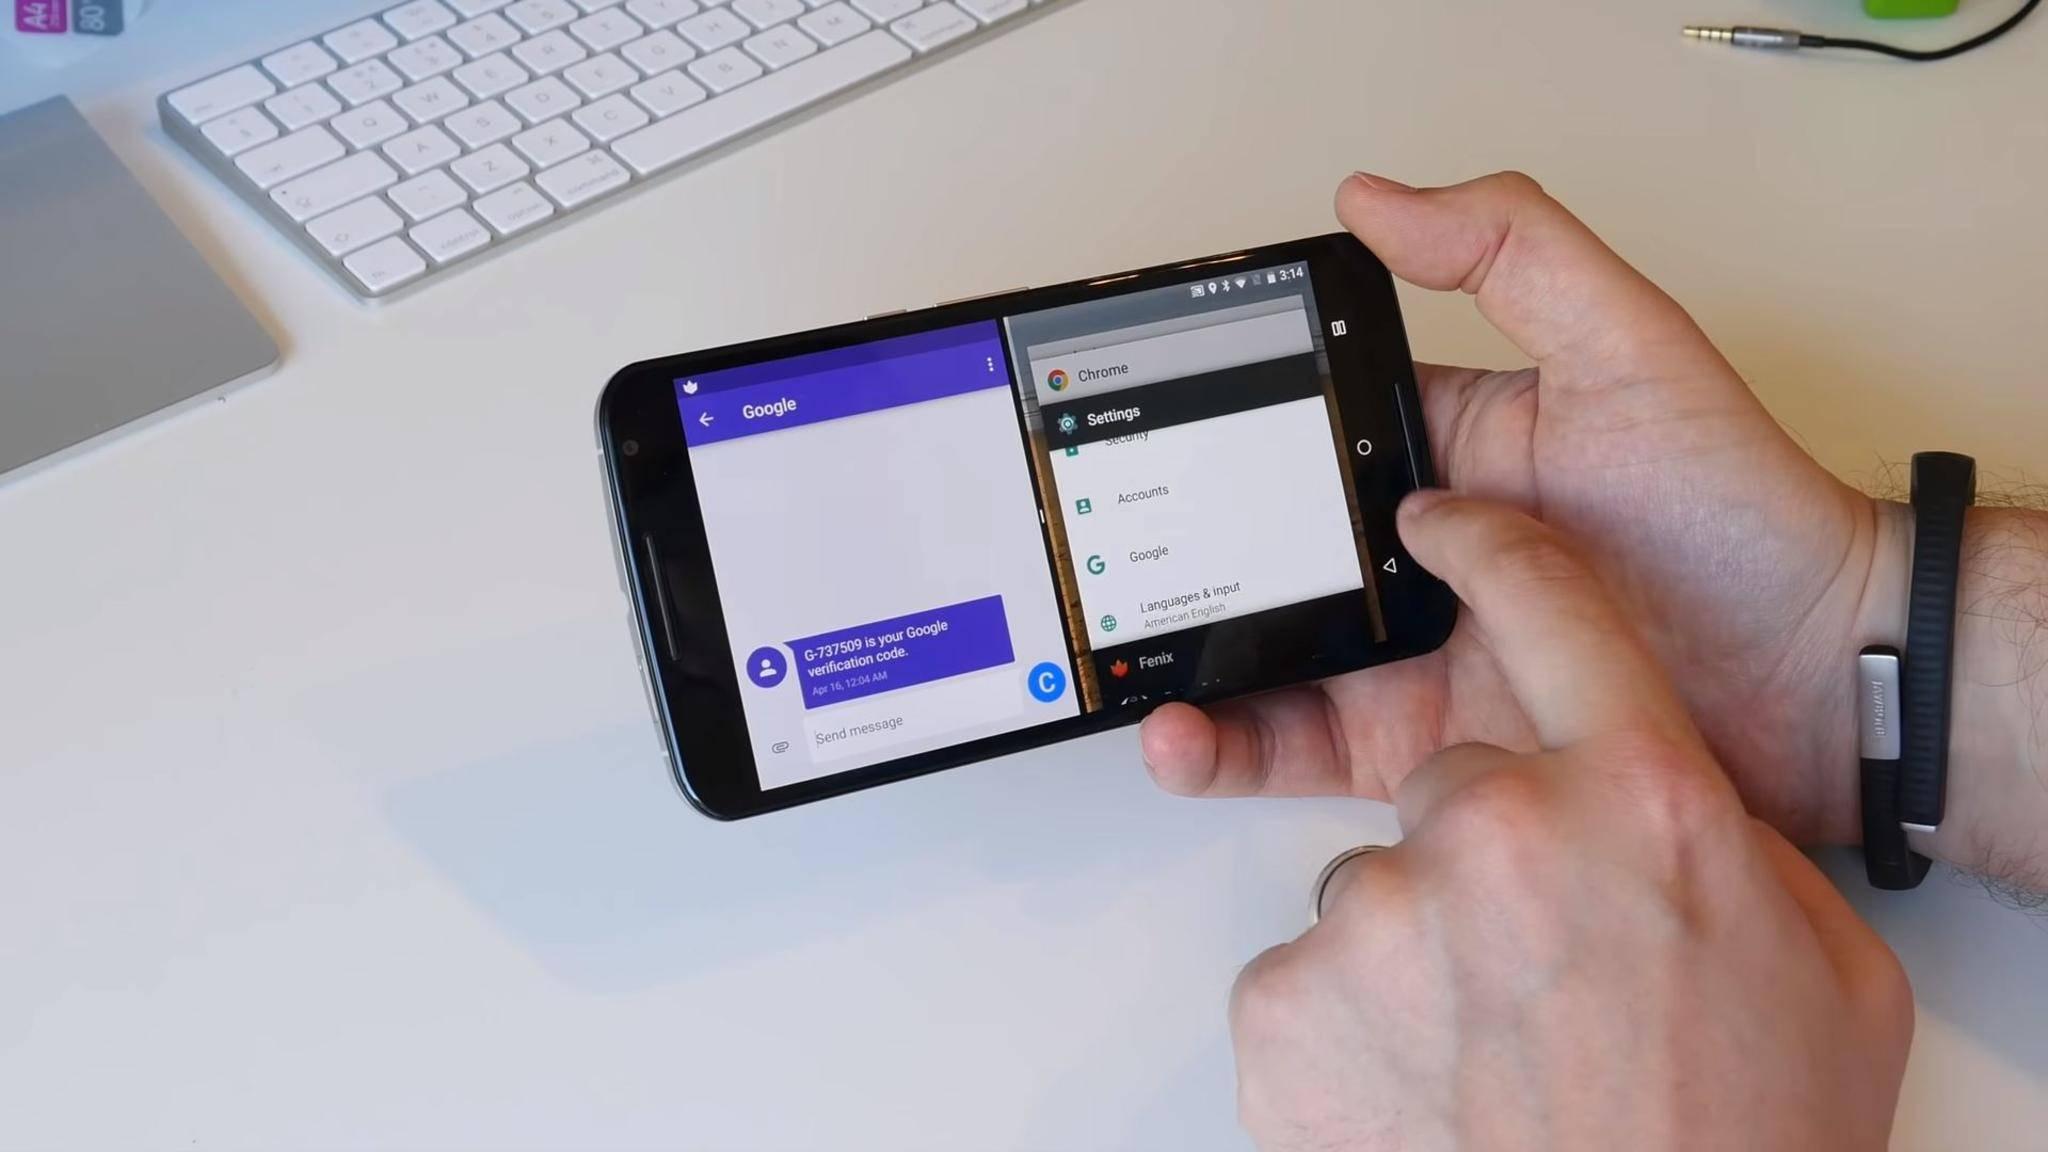 Momentan ist im Splitscreen immer nur eine App aktiv, das soll sich in Android Q ändern.